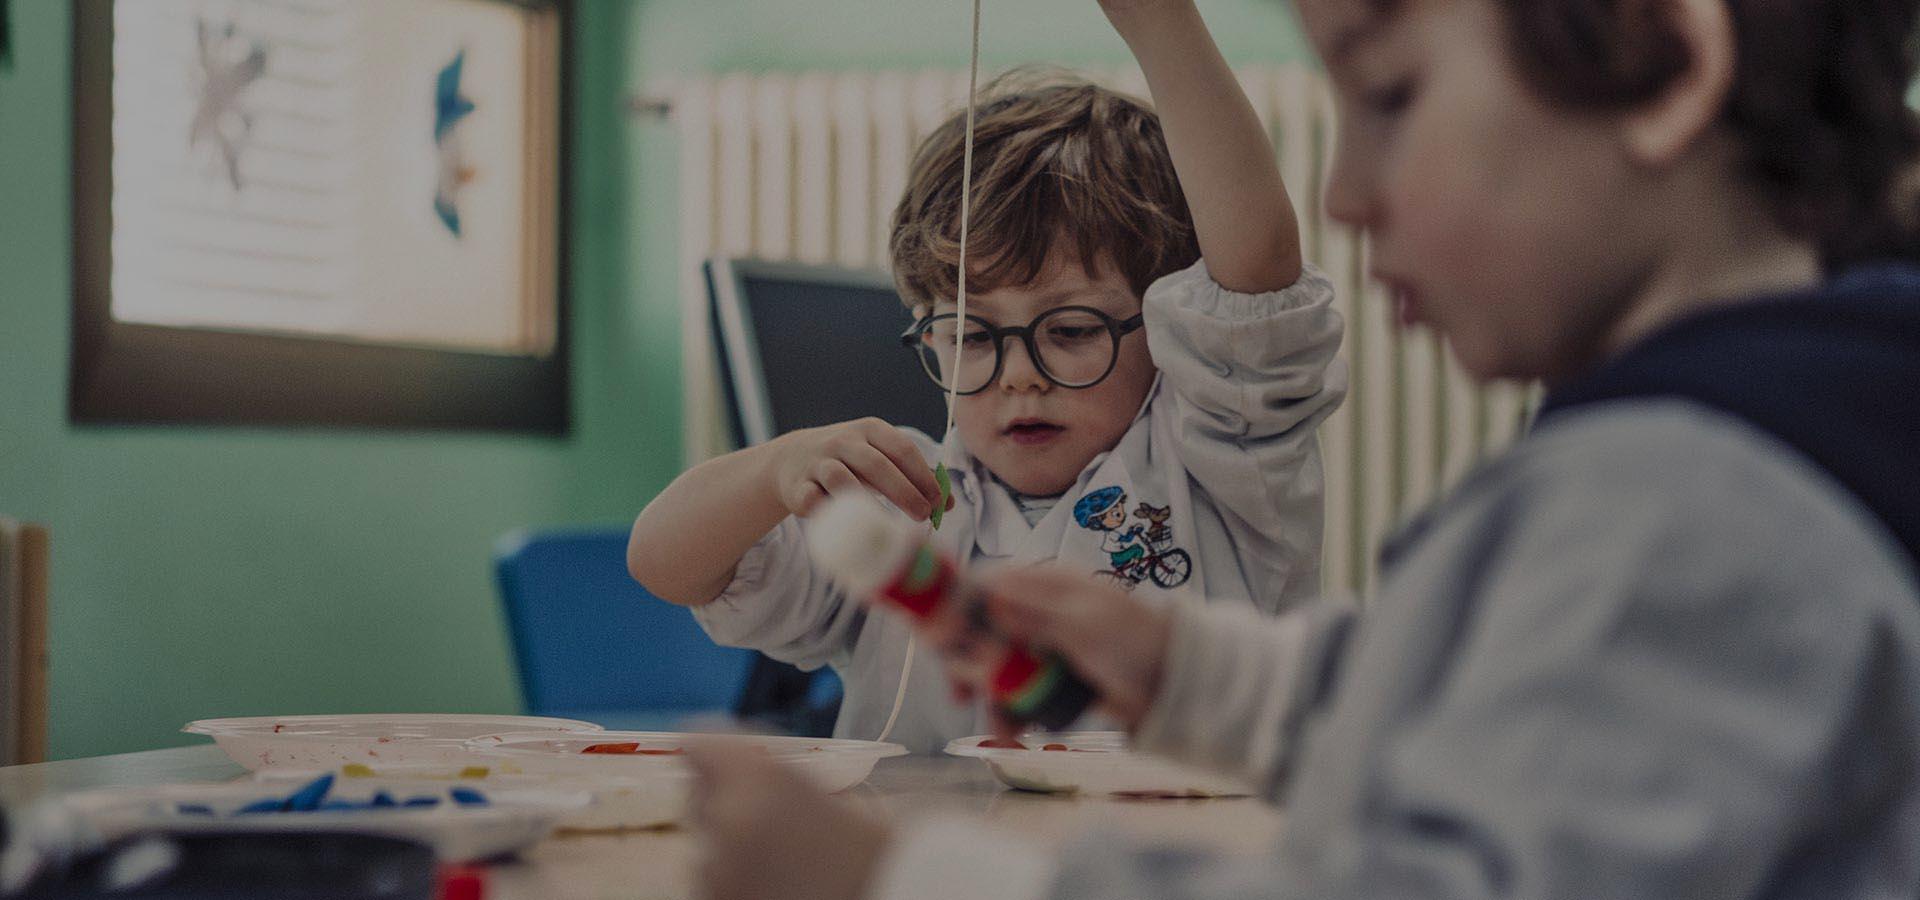 Fondazione Giulia Furlan Cartigliano - Homepage